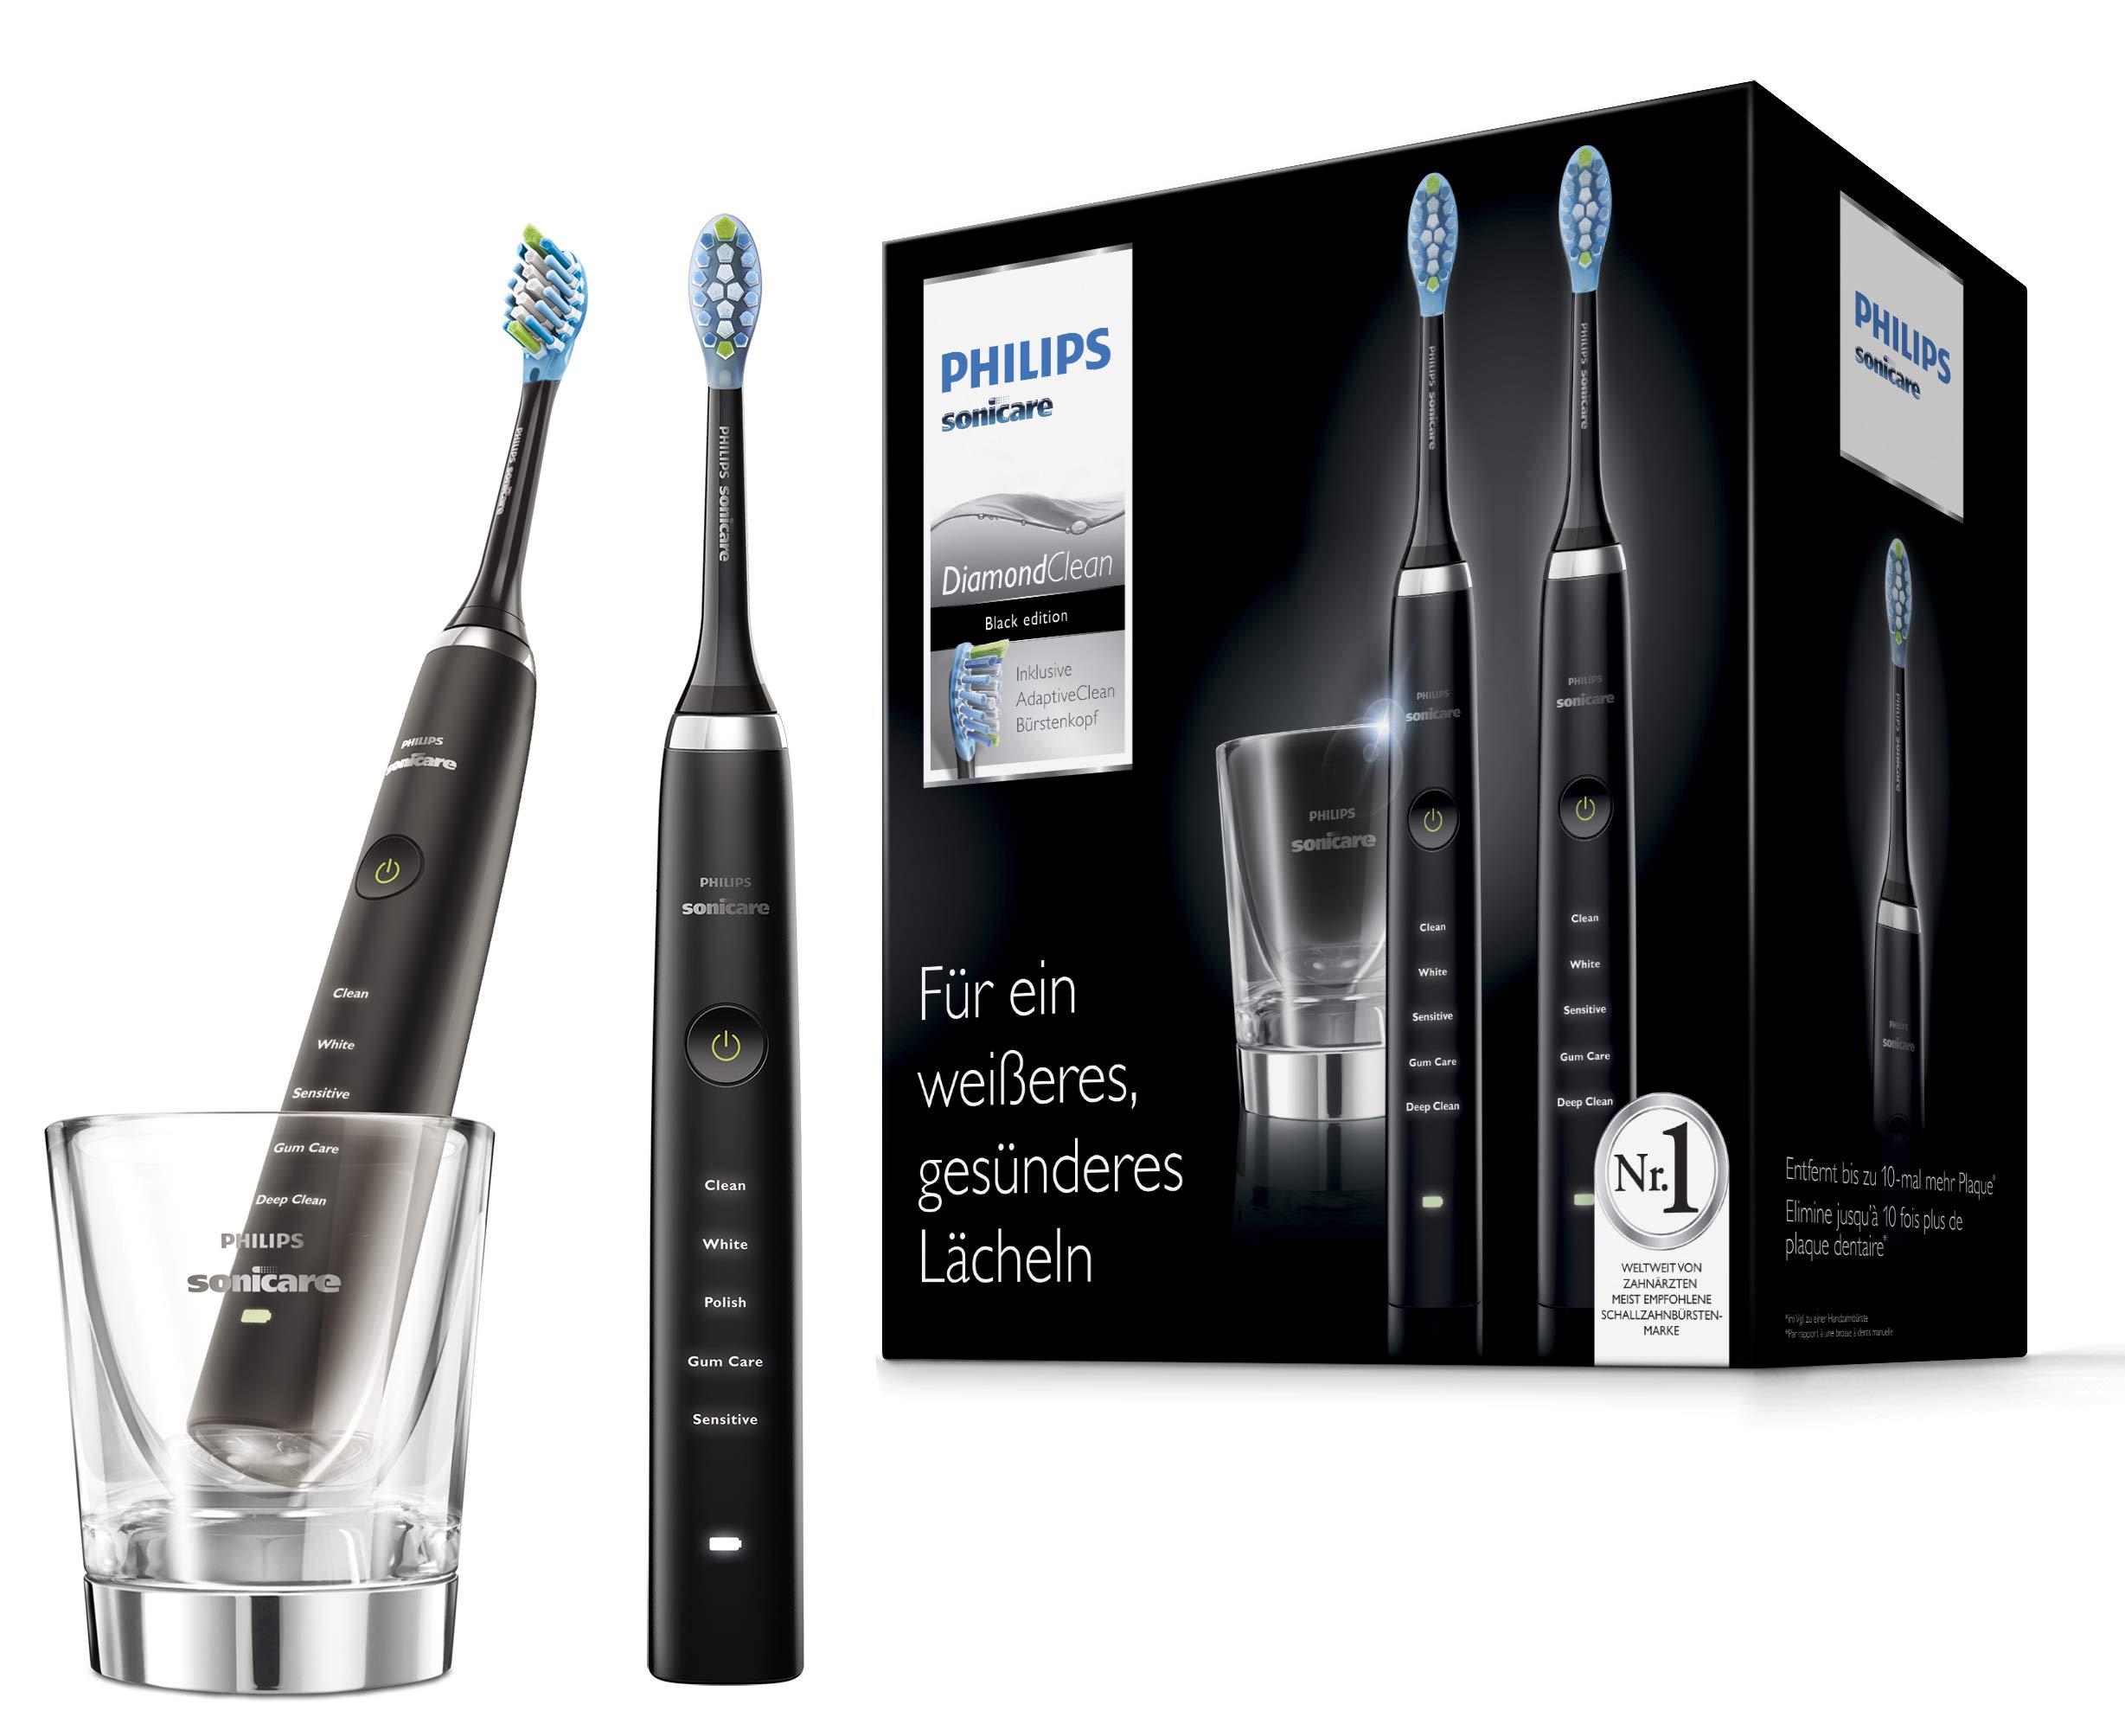 Philips Sonicare HX9357/87 DiamondClean Elektrische Zahnbürste Doppelpack, 2 Schallzahnbürsten mit 5 Putzprogrammen, Timer und Ladeglas, schwarz